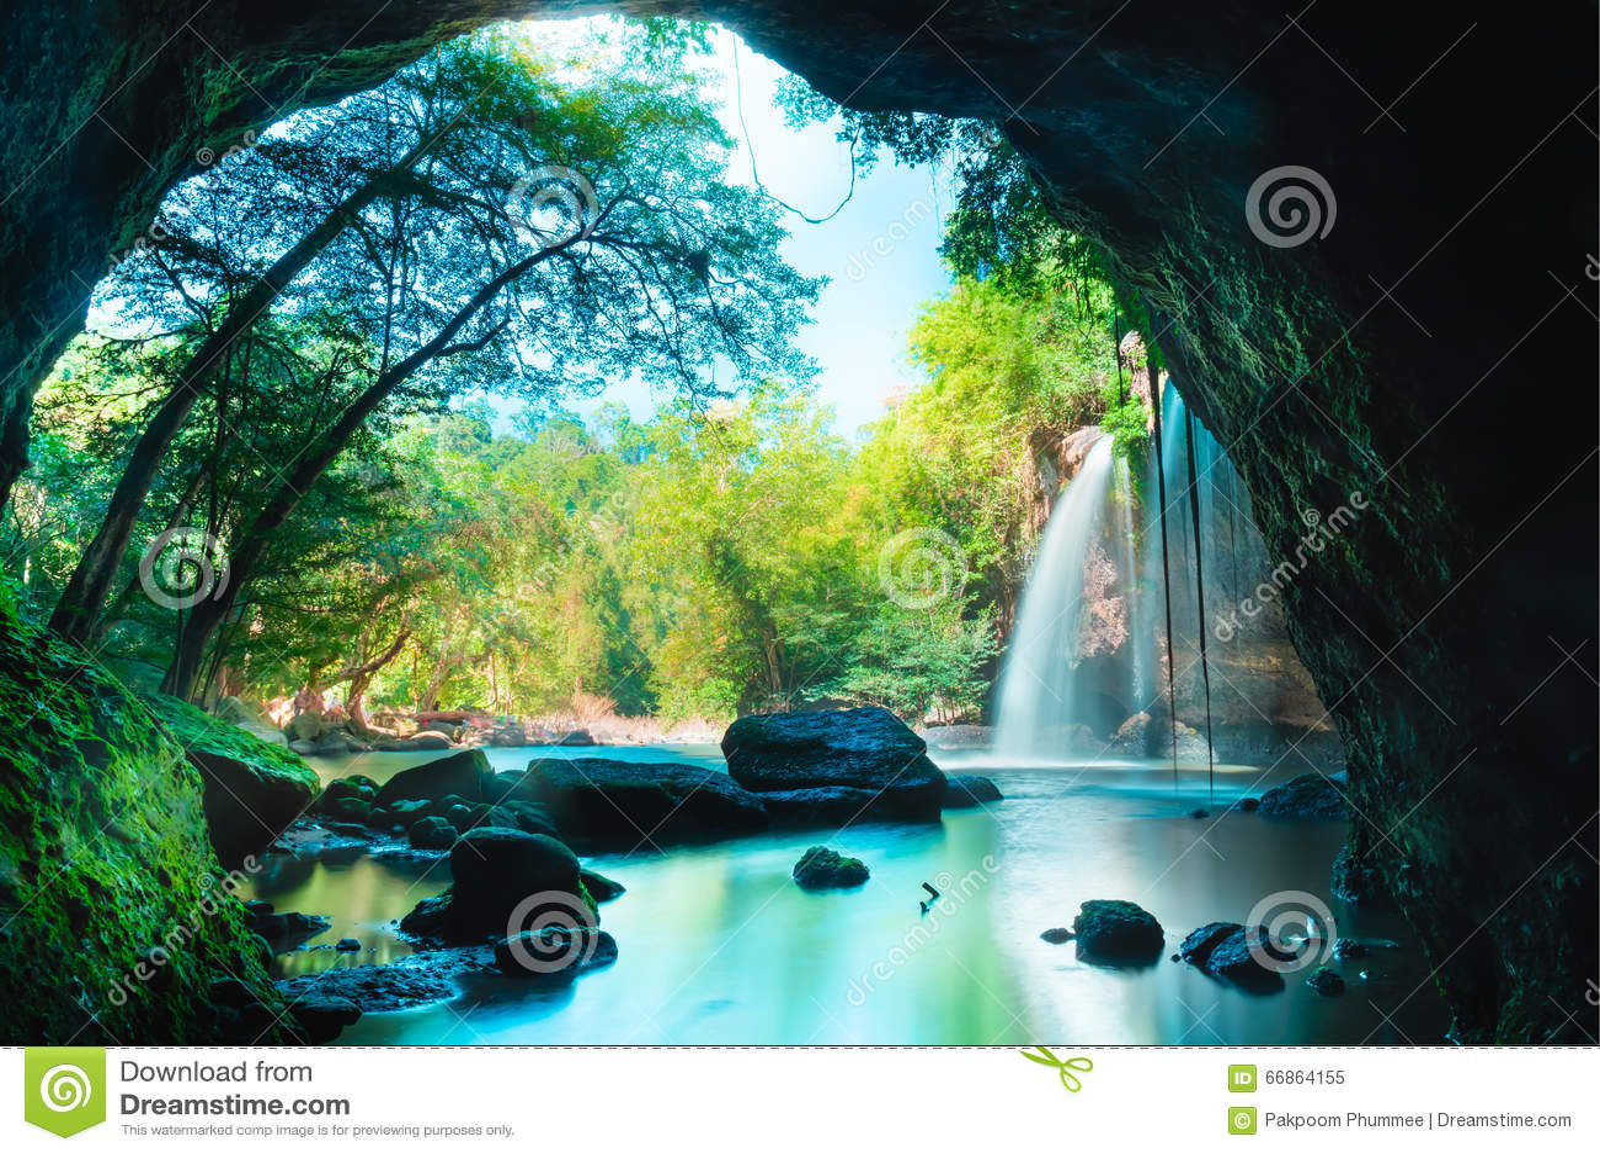 Caverna surpreendente na floresta profunda com fundo bonito das cachoeiras na cachoeira de Haew Suwat no parque nacional de Khao